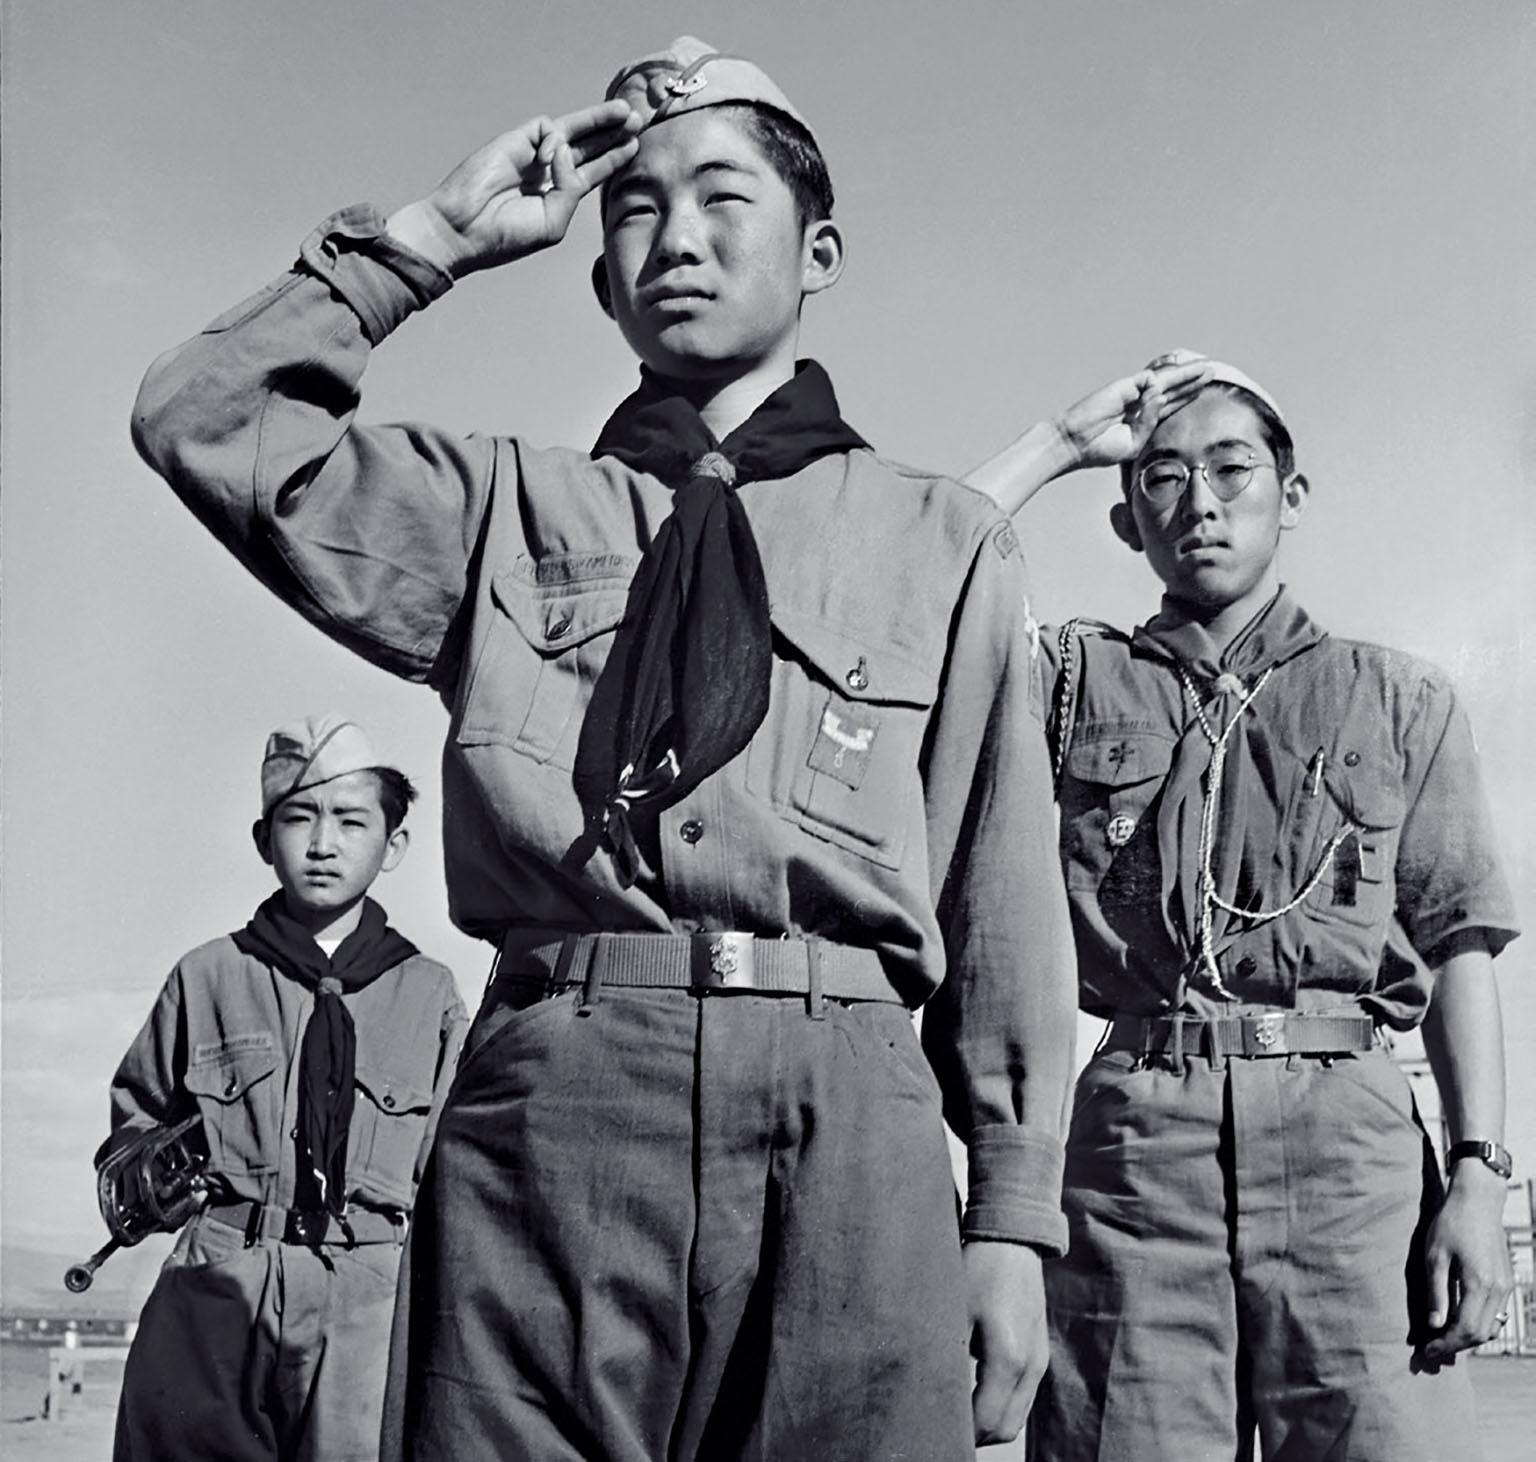 1943年,在懷俄明州的哈爾德山安置中心,三名童子軍,14歲的大原.傑克.準三、14歲的元安丈史和16歲的愛德華.加東哲二向美國國旗敬禮。當時他們被拘禁在加州聖塔阿尼塔集合中心和懷俄明州的哈爾德山安置中心。 PAT COFFEY, NATIONAL ARCHIVES